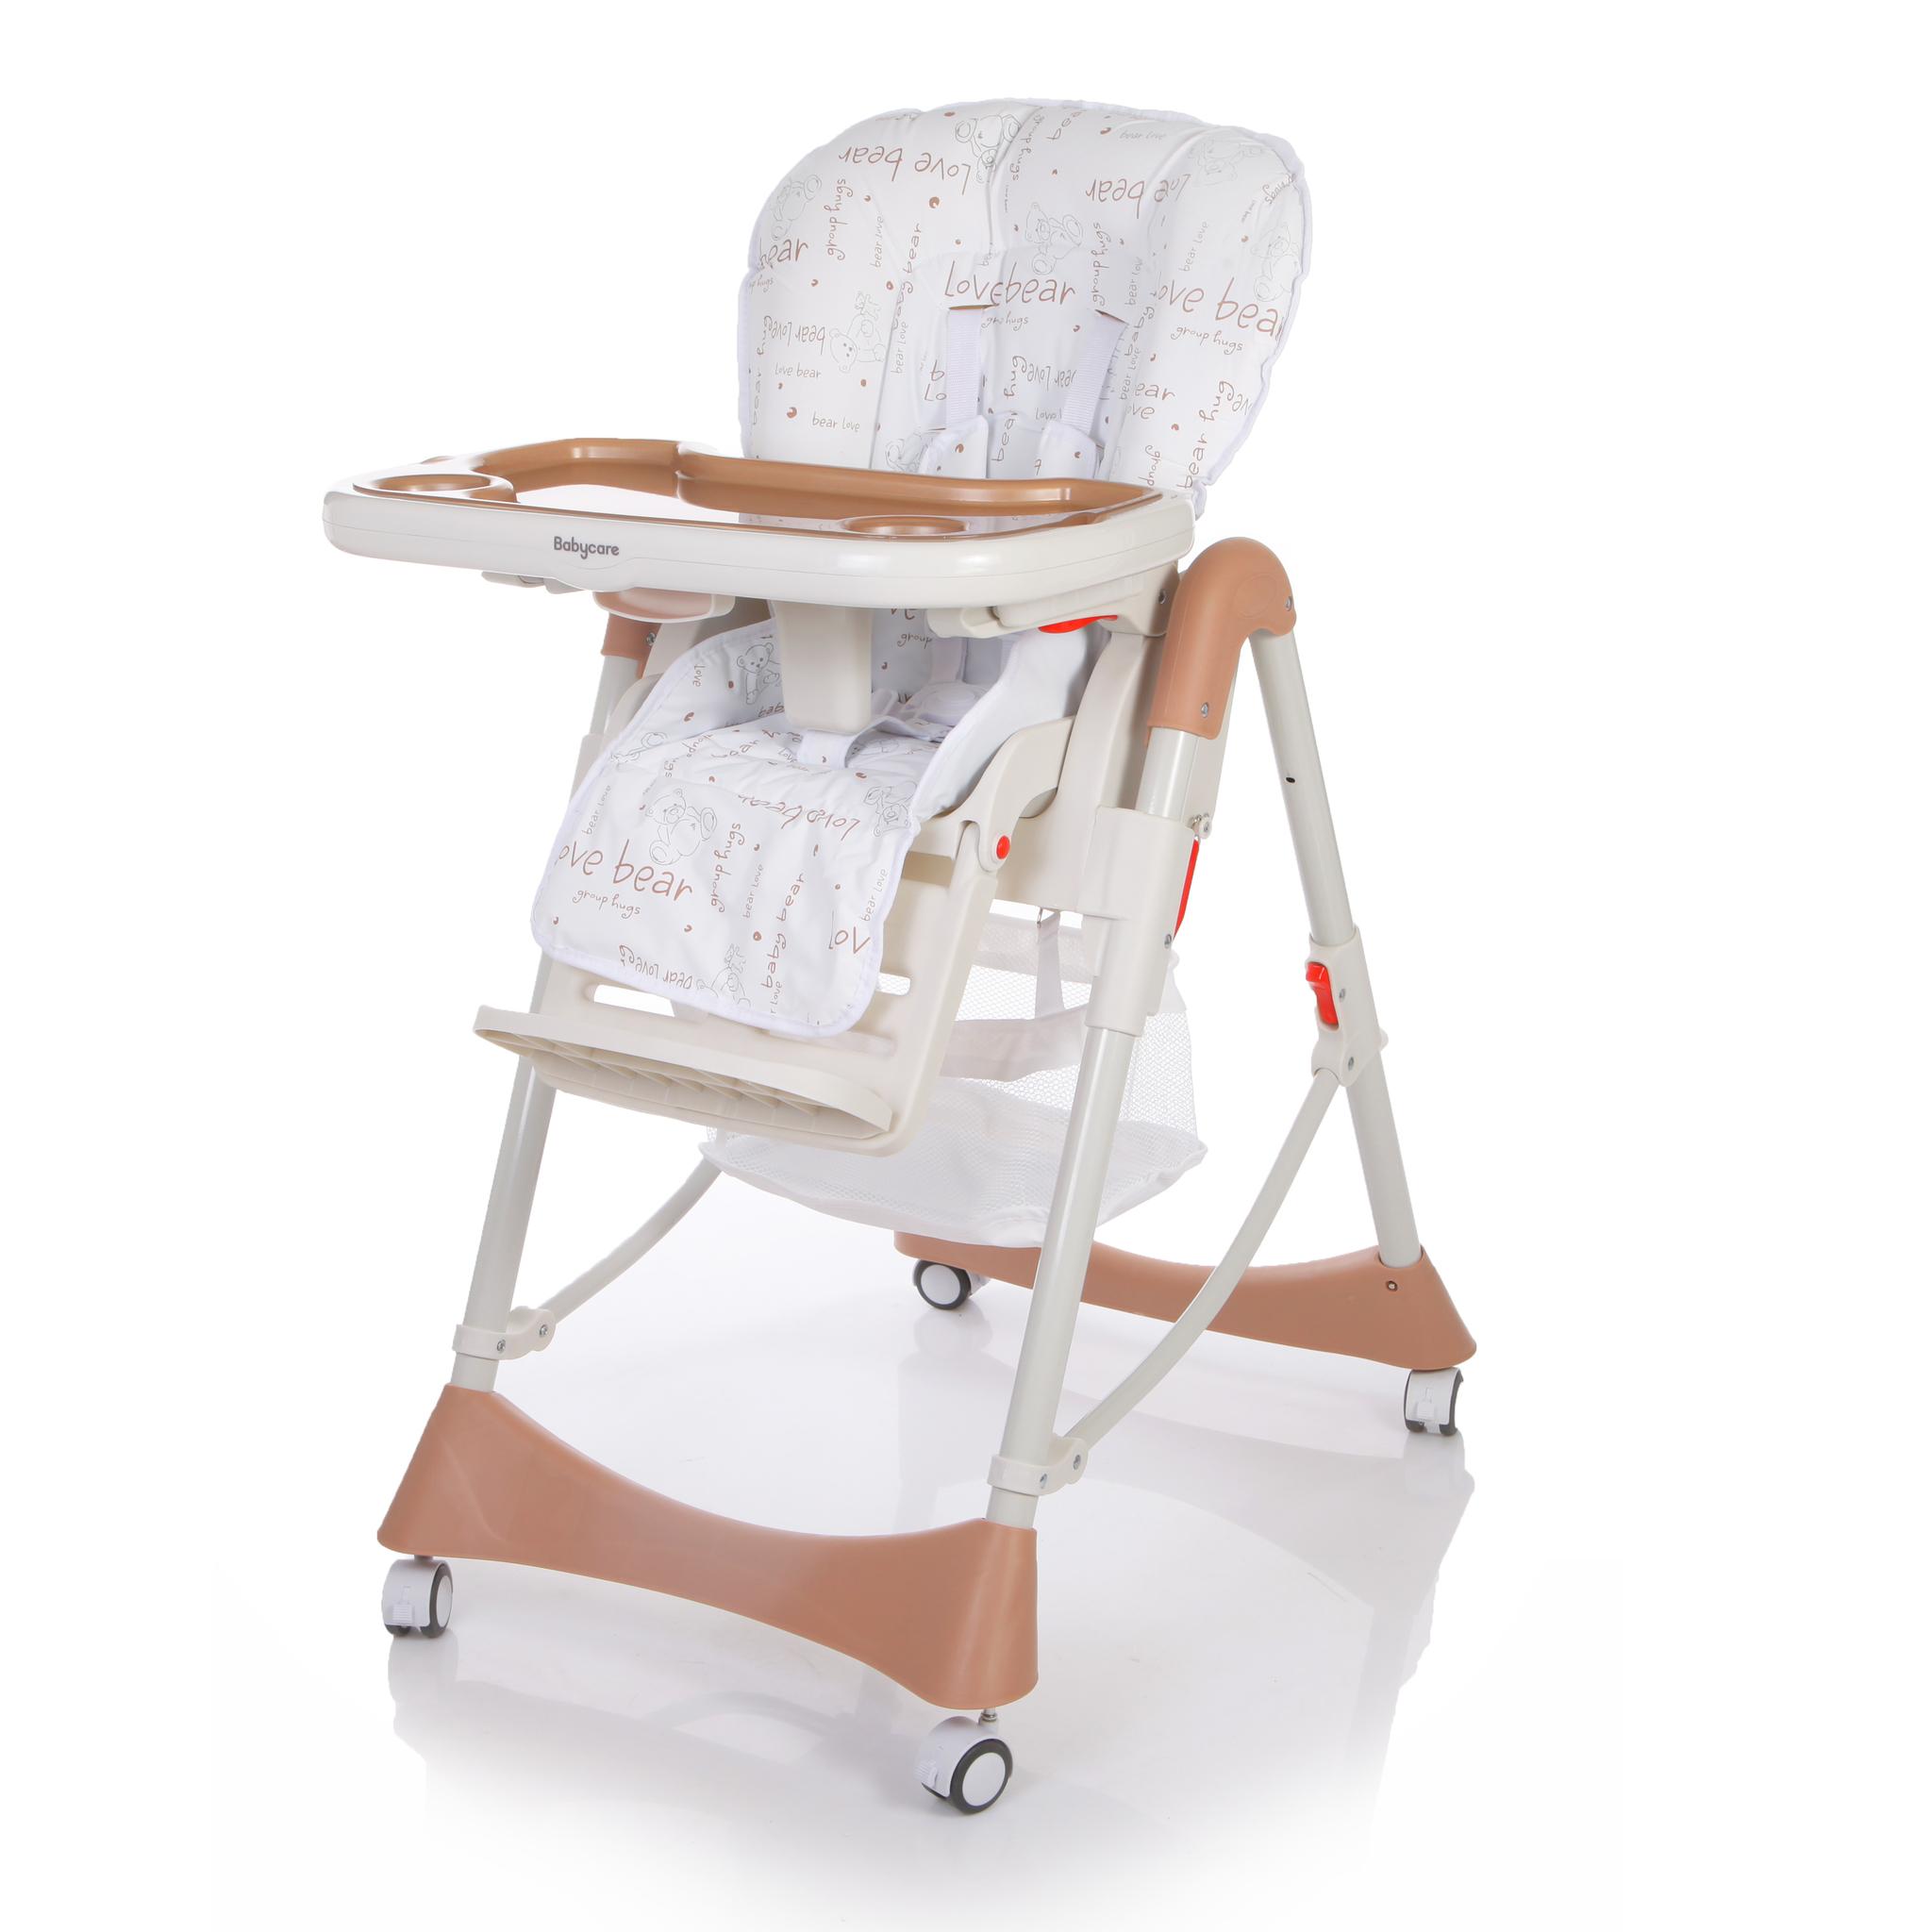 Детский стульчик для кормления Baby Care – Love Bear, коричневыйСтульчики для кормления<br>Детский стульчик для кормления Baby Care – Love Bear, коричневый<br>